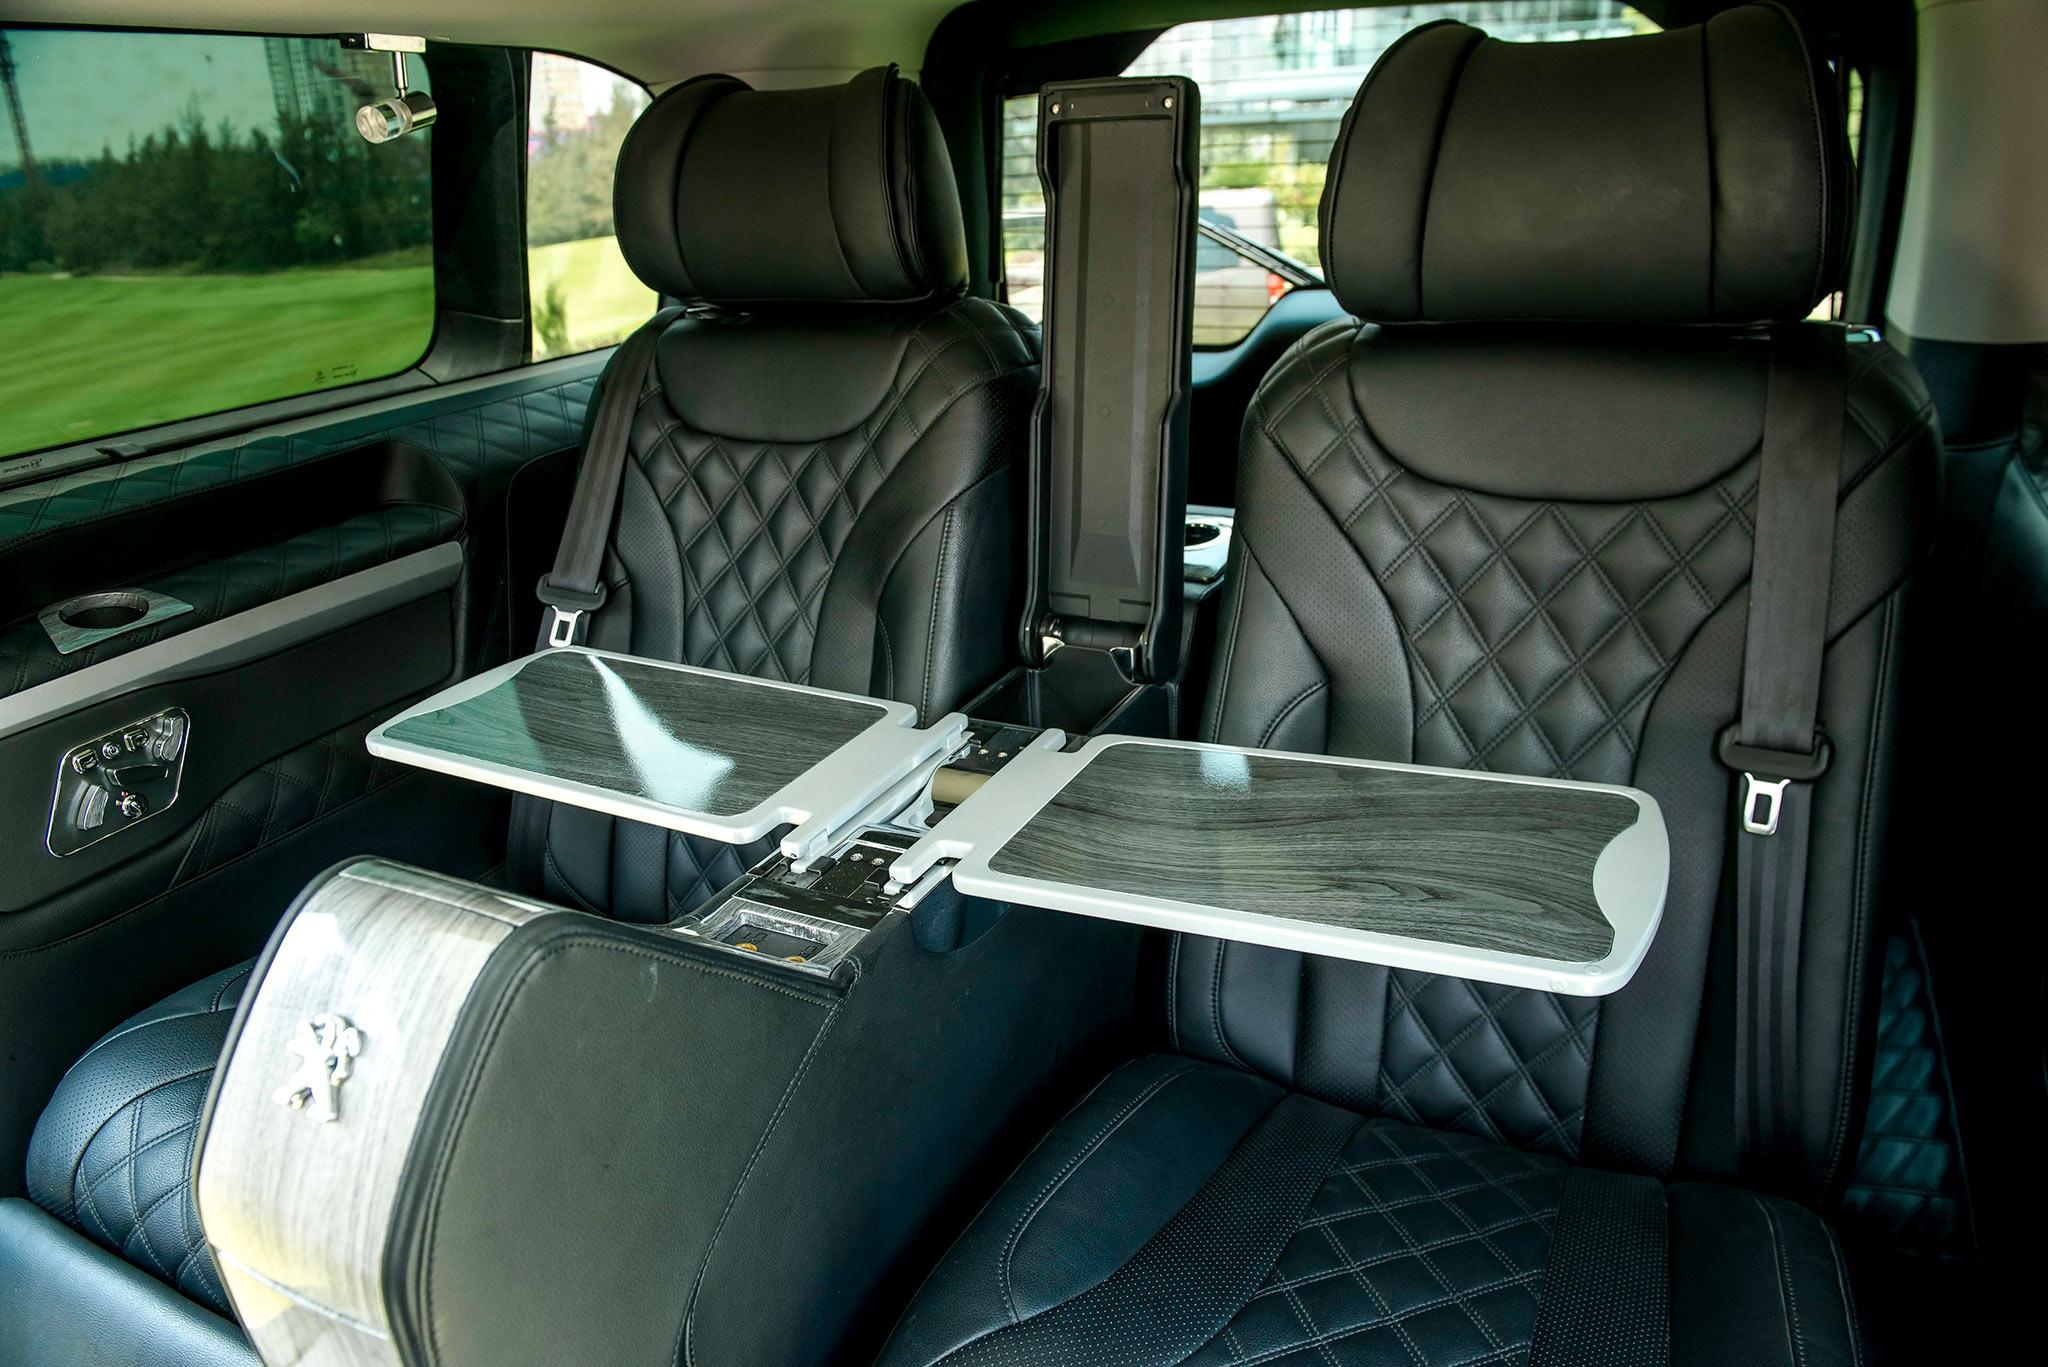 Doanh nhân thành đạt cần gì ở một chiếc xe cho riêng mình? peugeot-traveller-chi-tiet-noi-that62.jpg